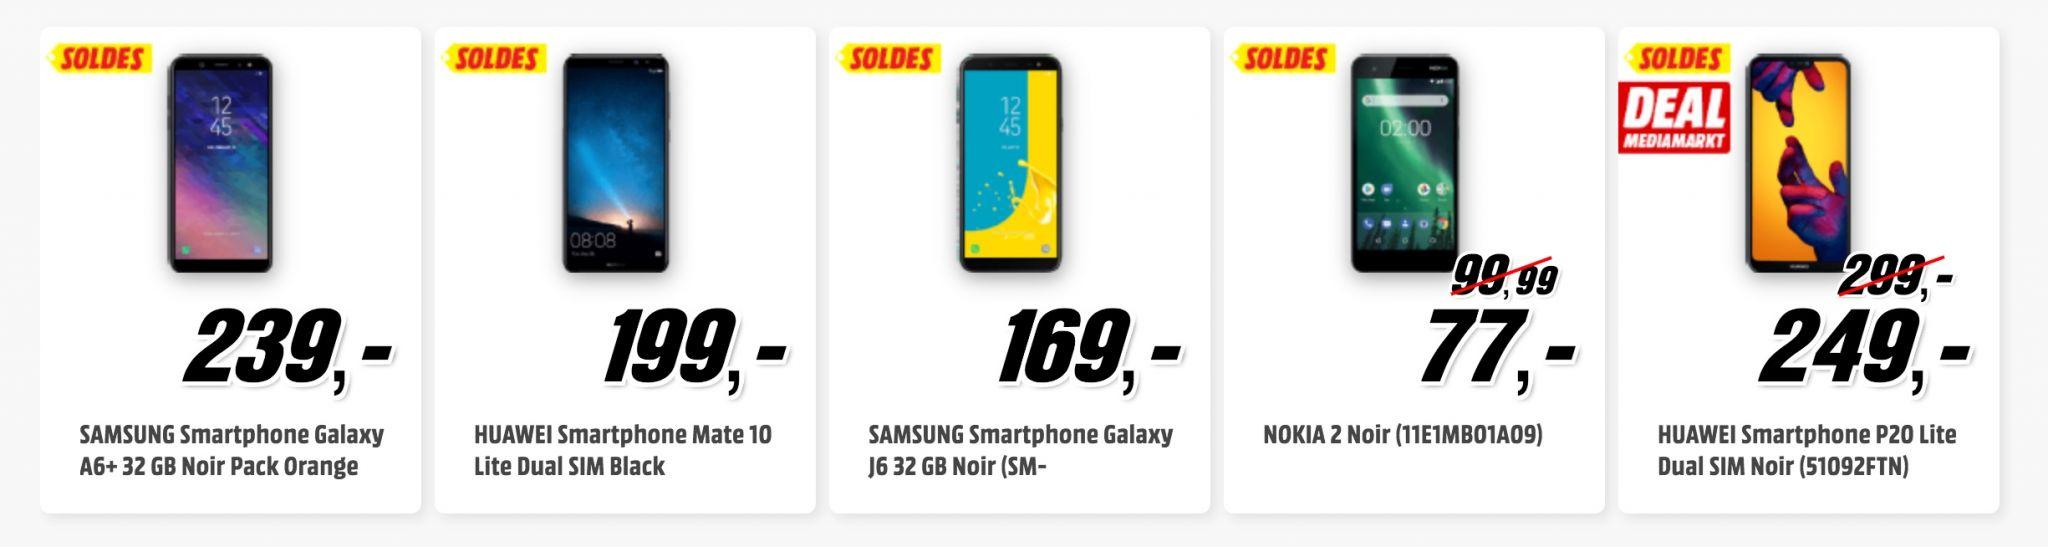 soldes smartphones media markt